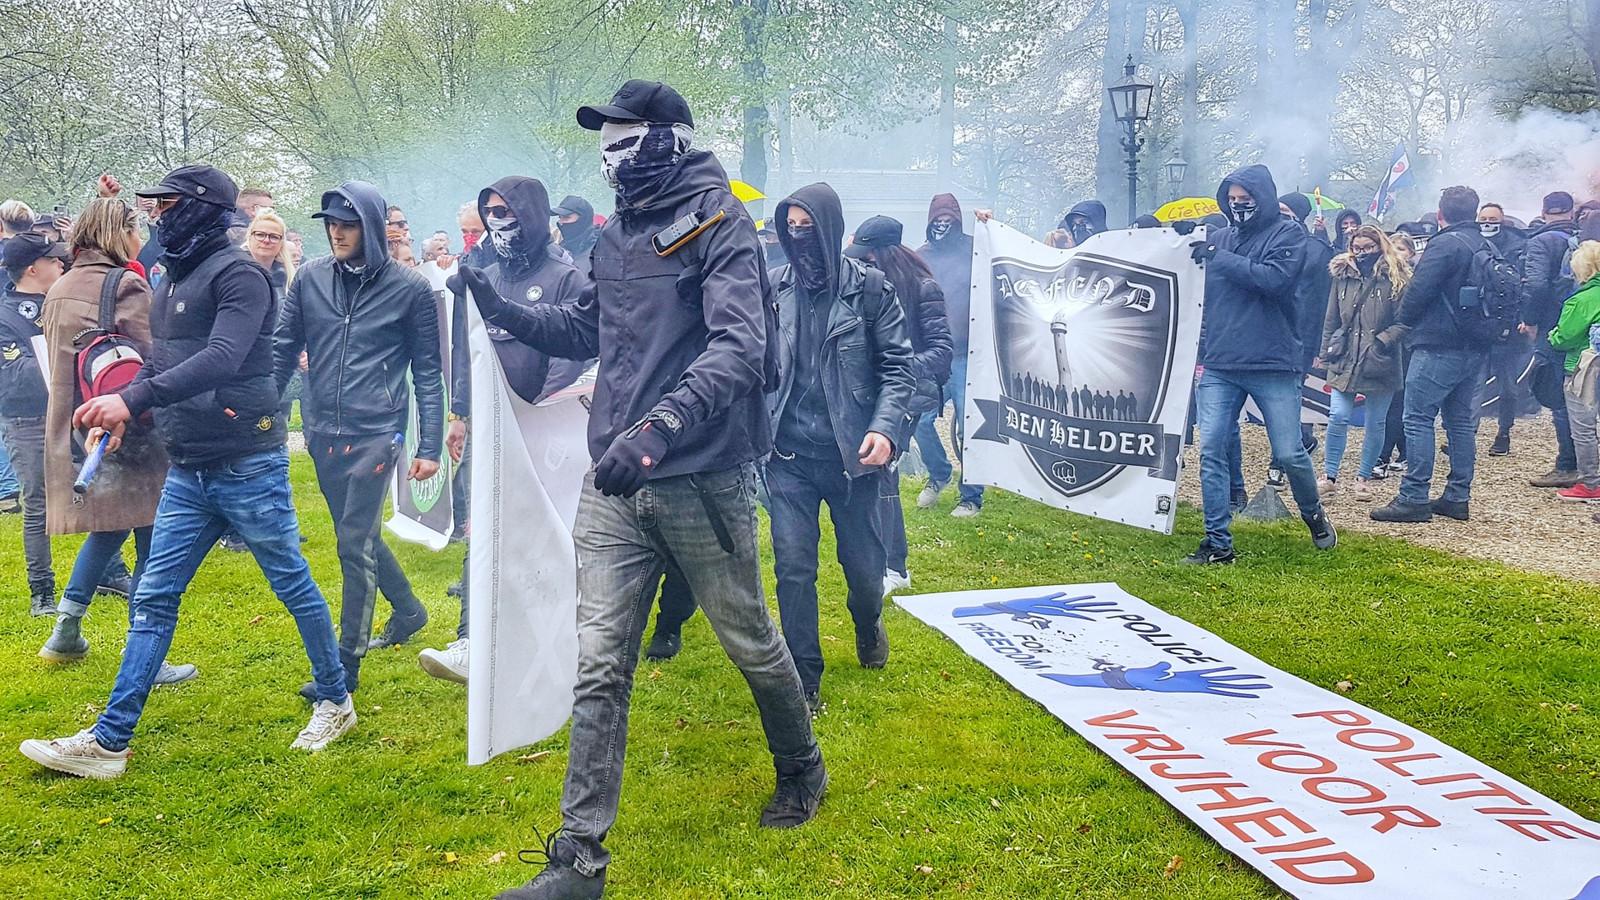 Defend-groepen zijn betrokken bij een clash met de Mobiele Eenheid tijdens een demonstratie in Barneveld afgelopen zaterdag.